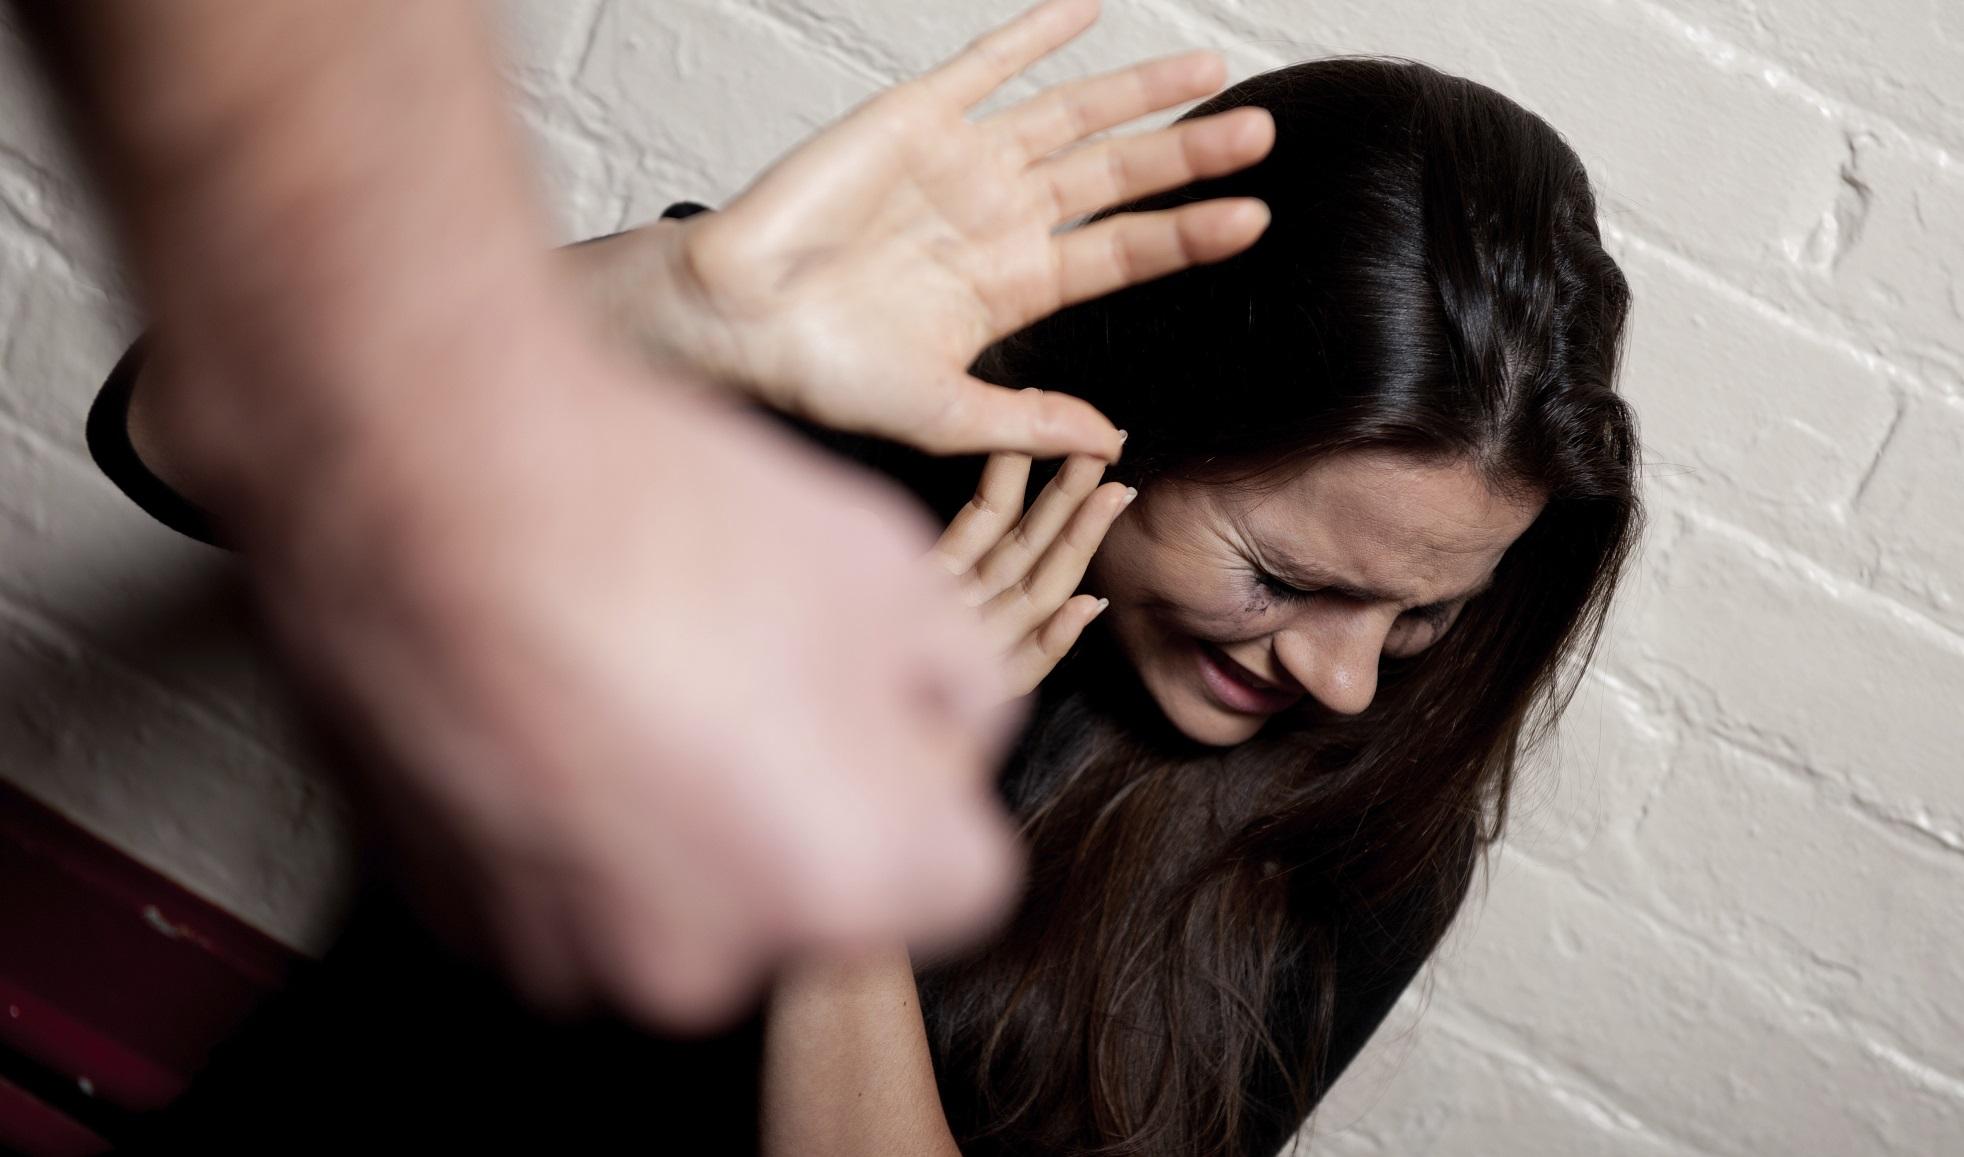 Vittima del marito, si salva chiamando il 112: arrestato un violento